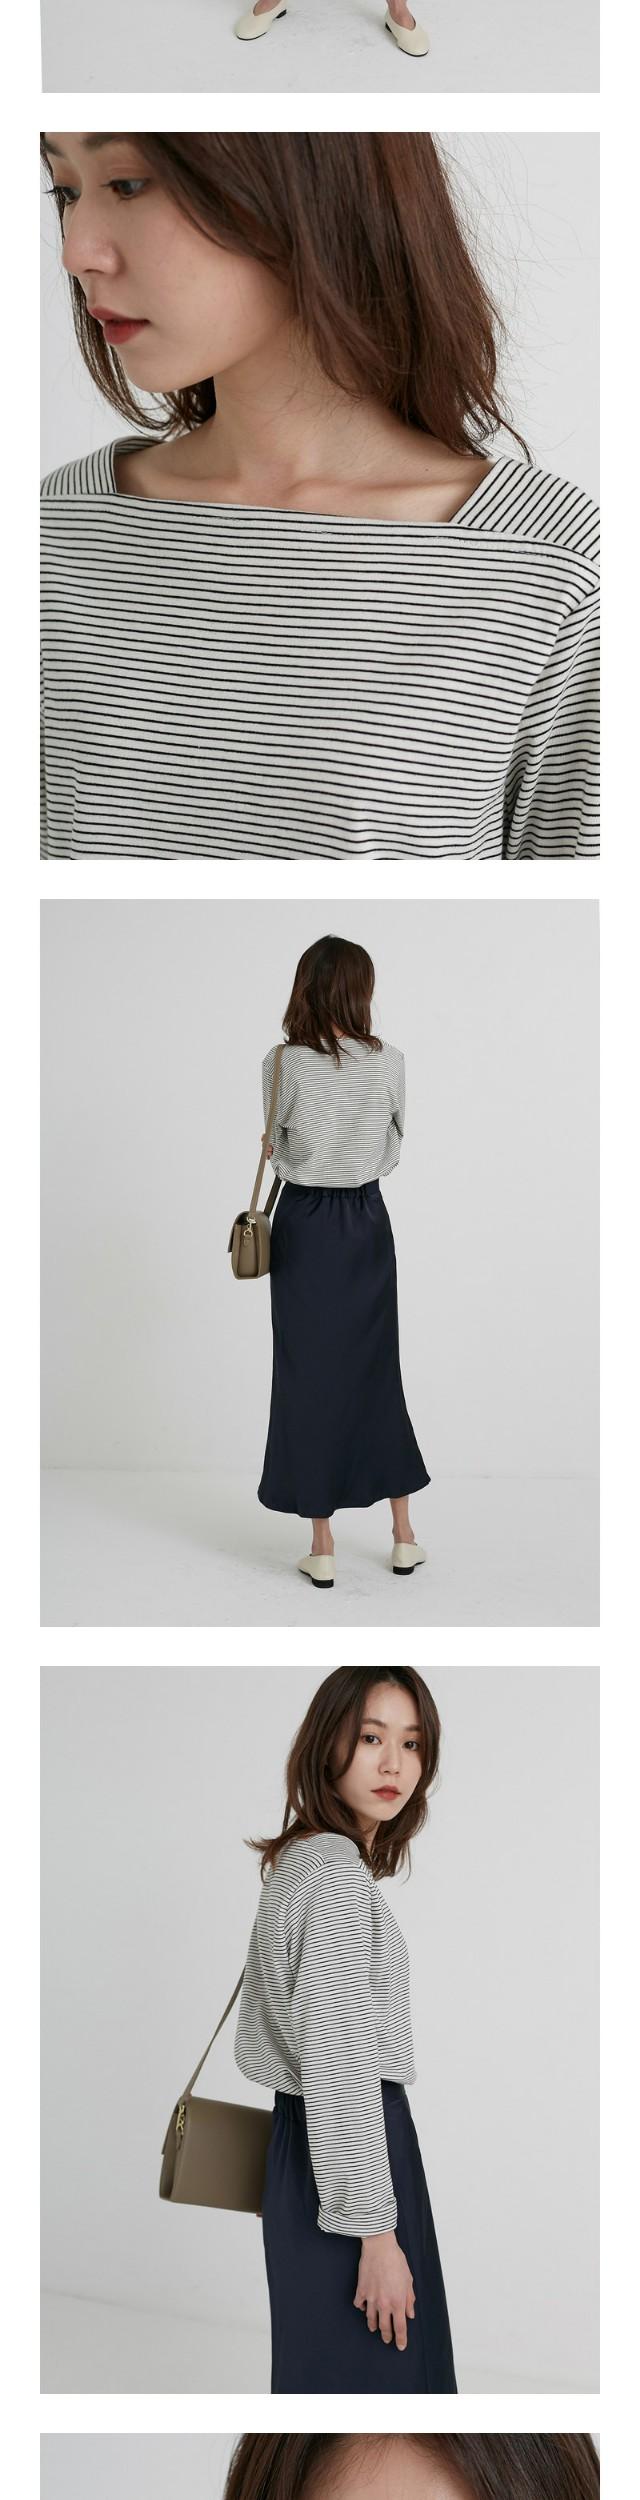 Paul sliky skirt